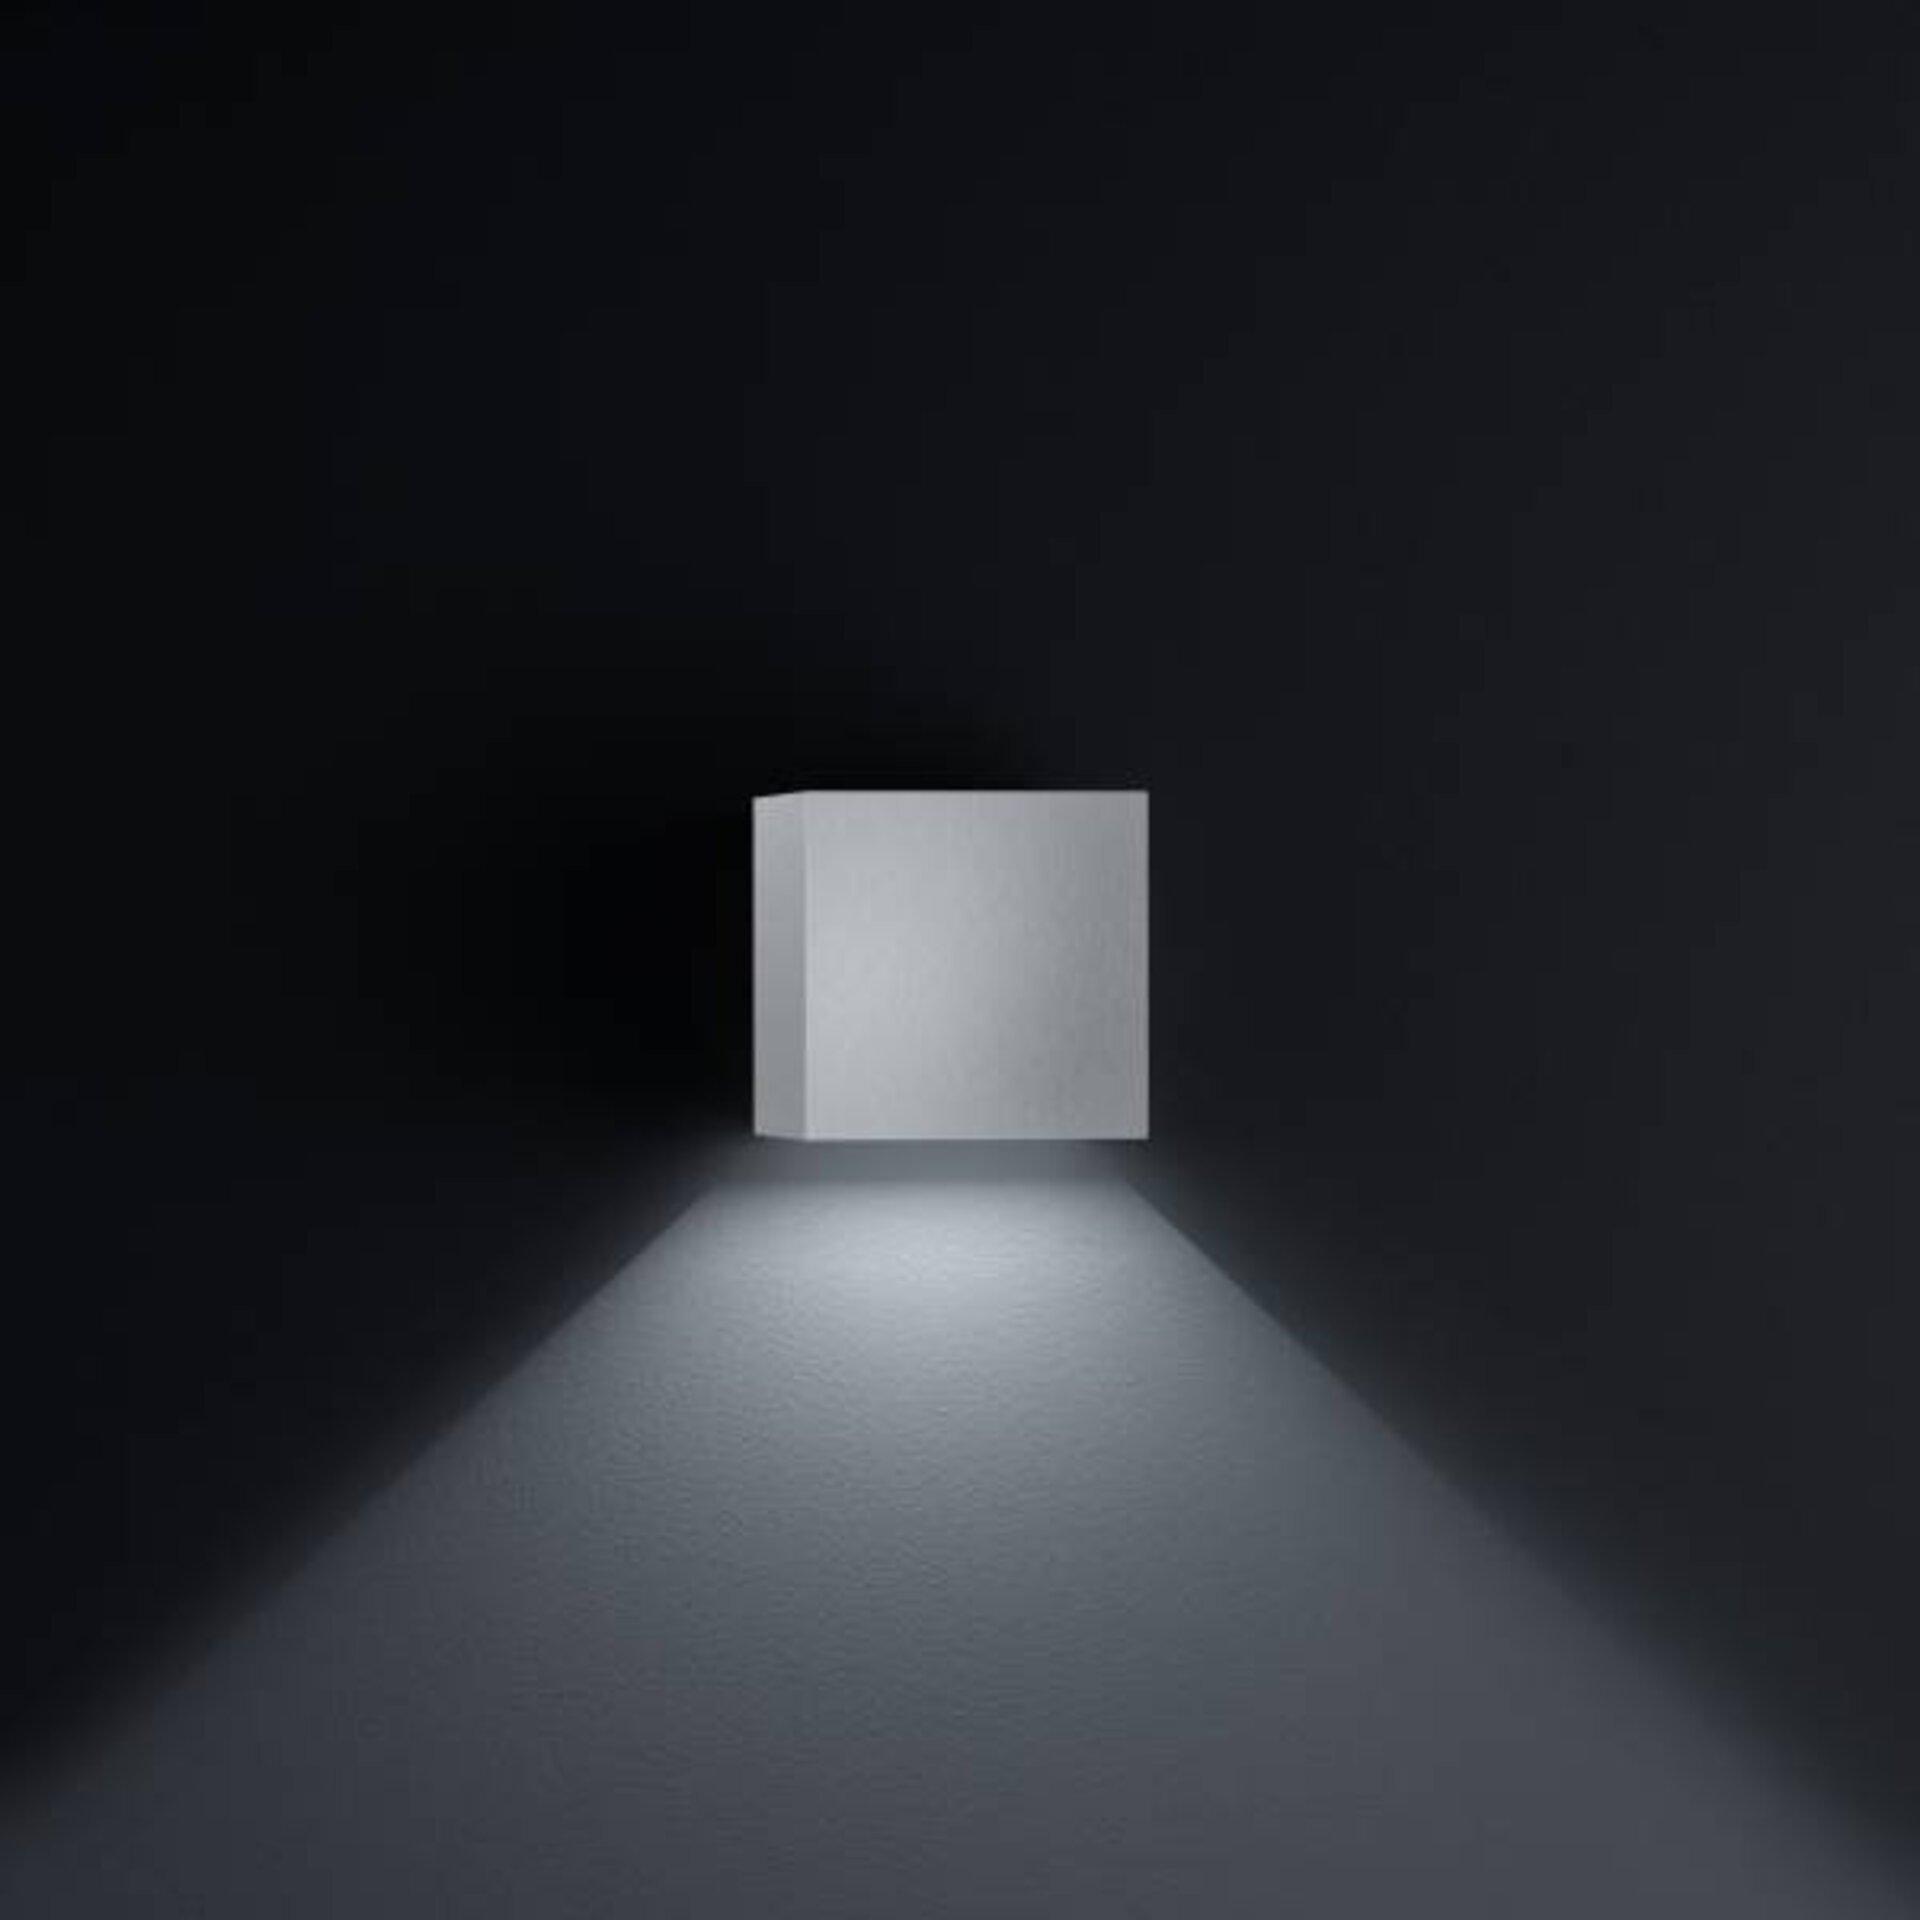 Wand-Aussenleuchte SIRI 44 Helestra Leuchten Metall silber 10 x 10 x 10 cm